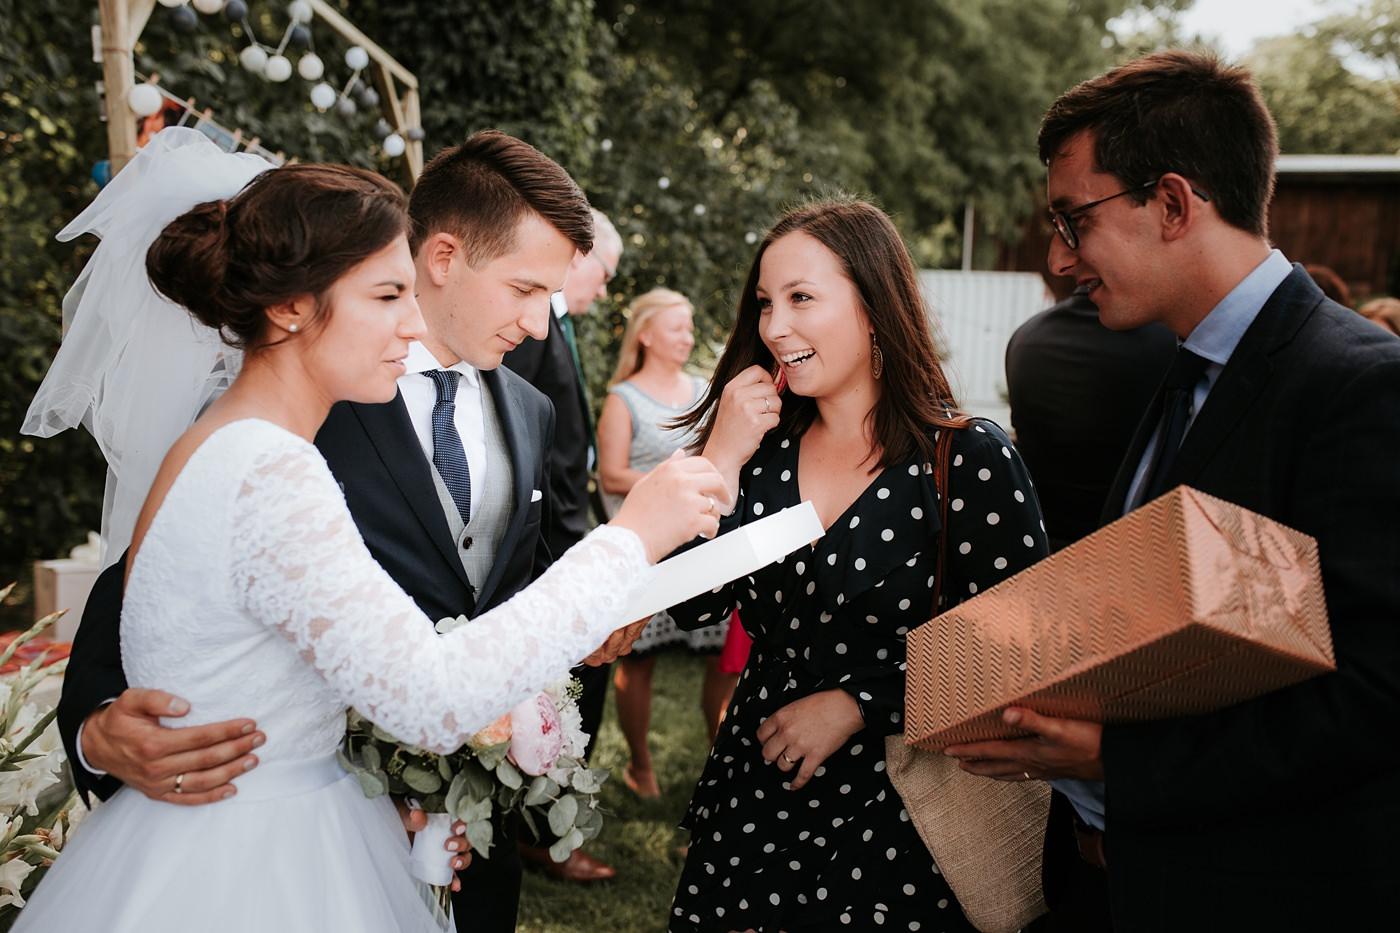 Dominika & Aleksander - Rustykalne wesele w stodole - Baborówko 82